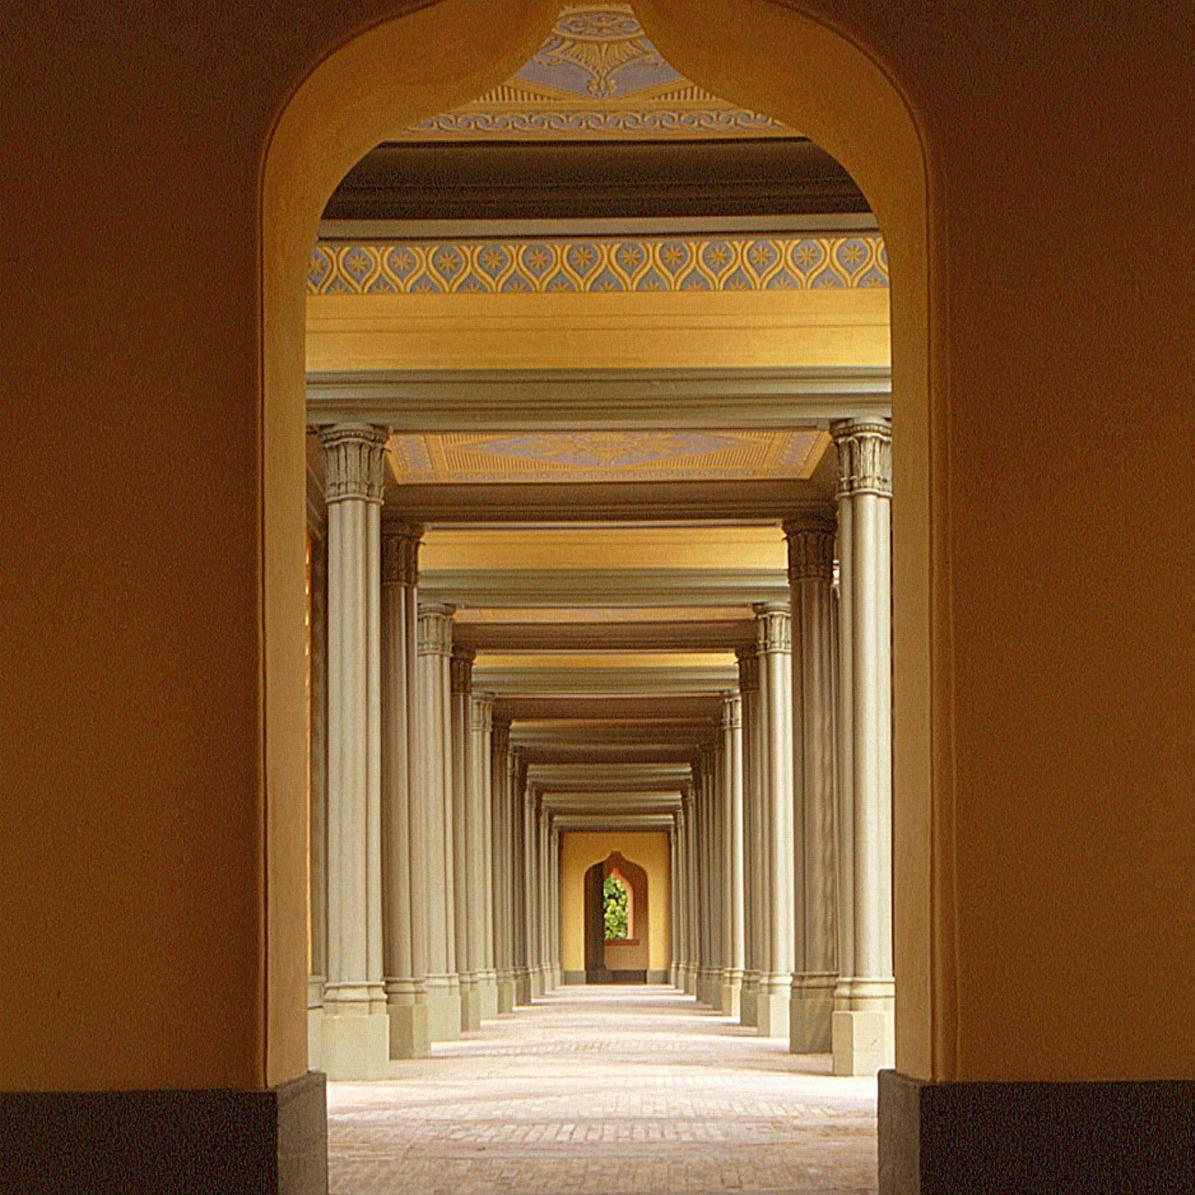 Schwetzingen Palace, cloister of the Mosque; Photo: Staatliche Schlösser und Gärten Baden-Württemberg, Steffen Hauswirth